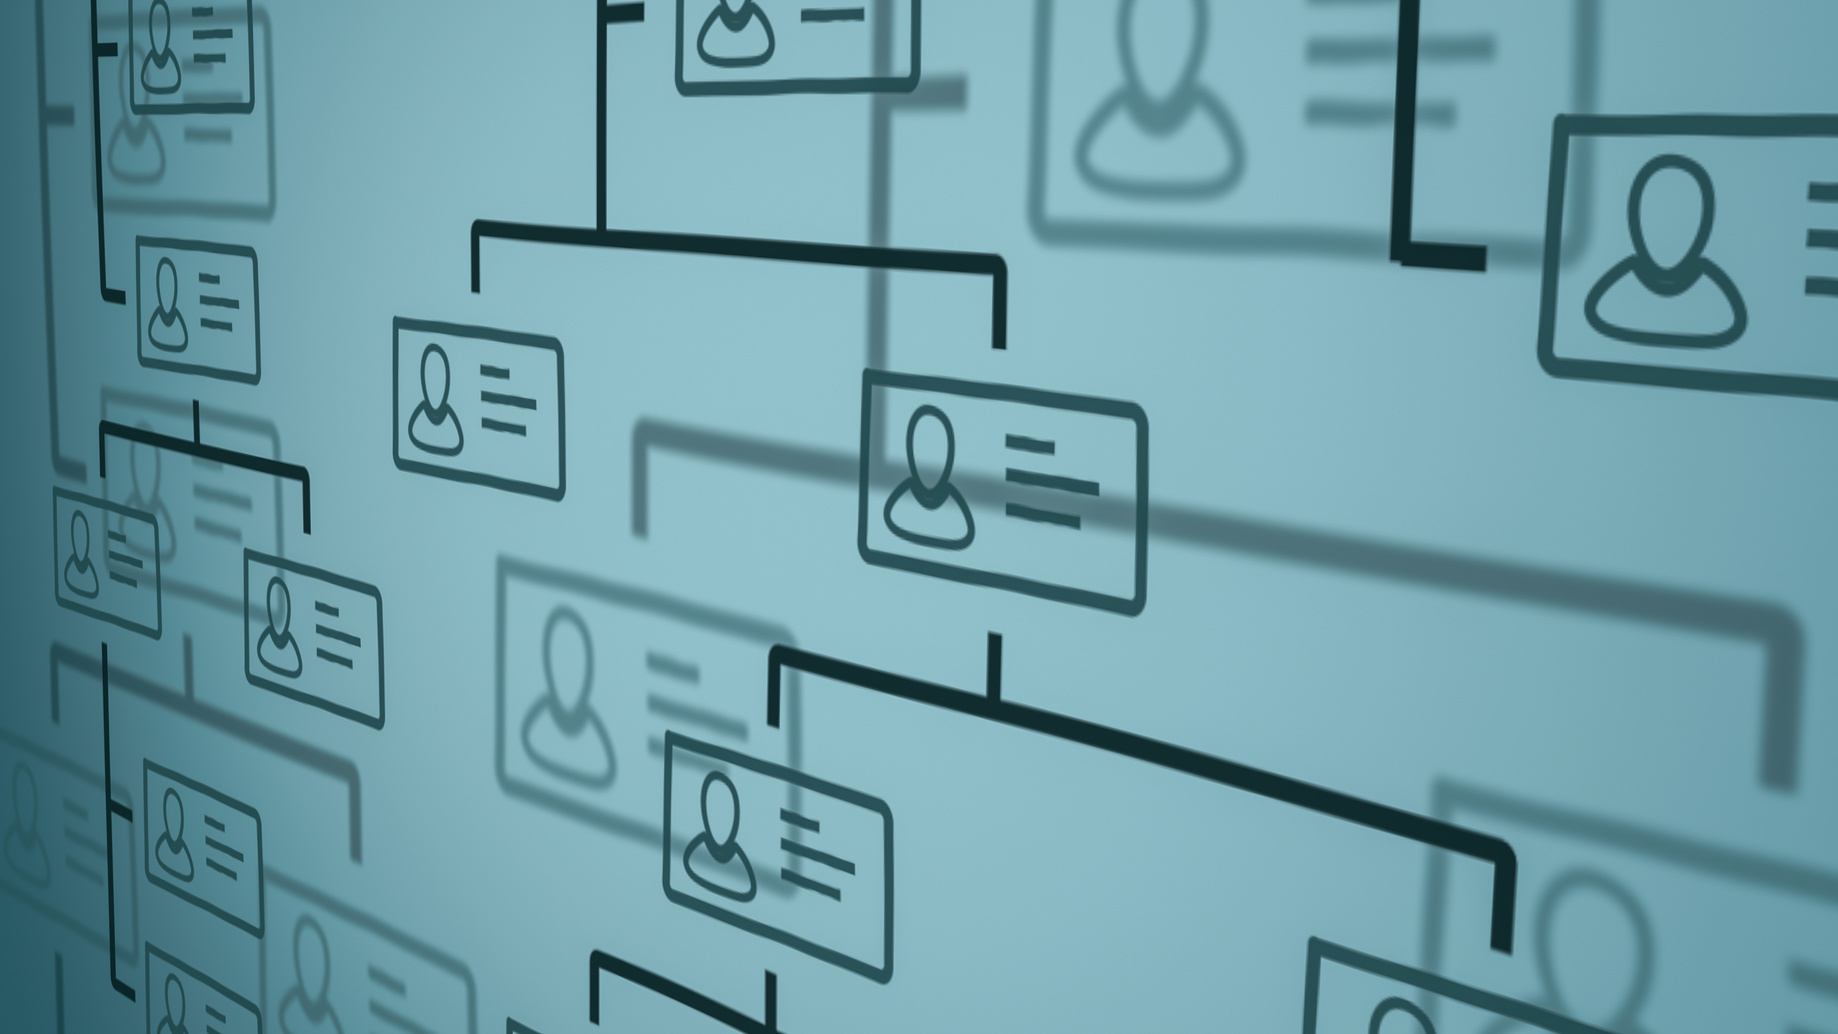 Sistemi di controllo e gestione